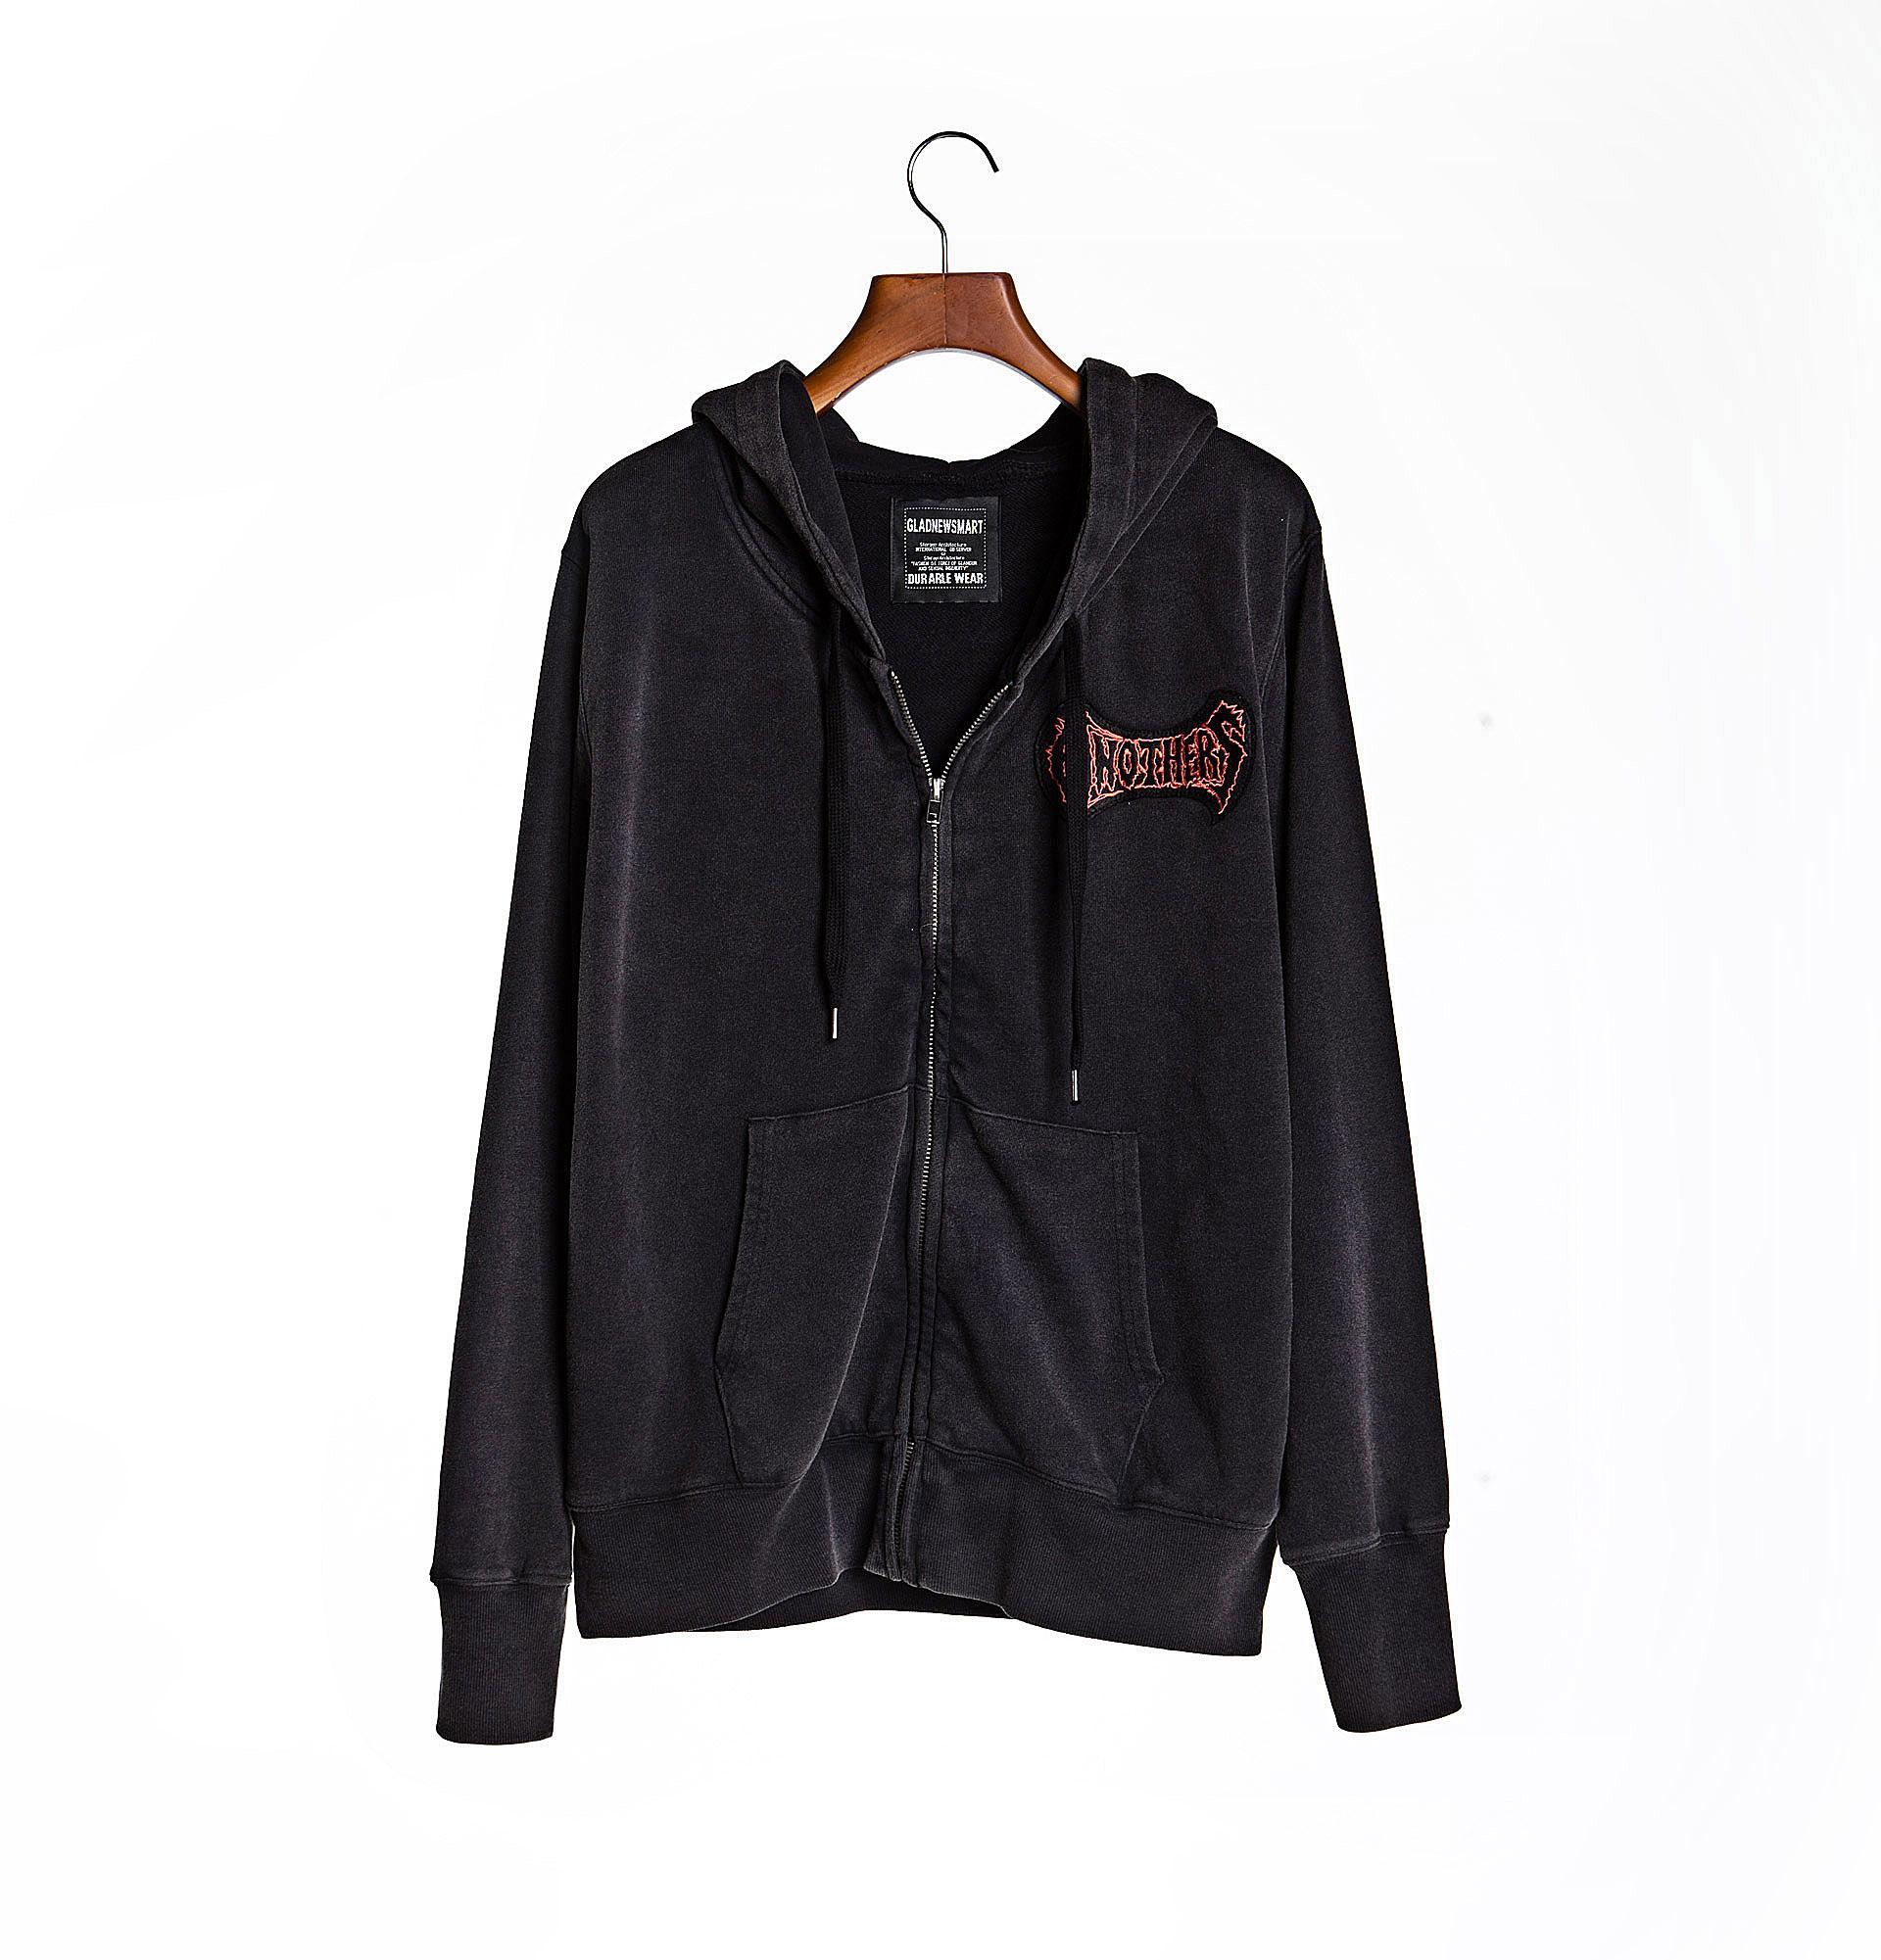 黑色连帽卫衣外套